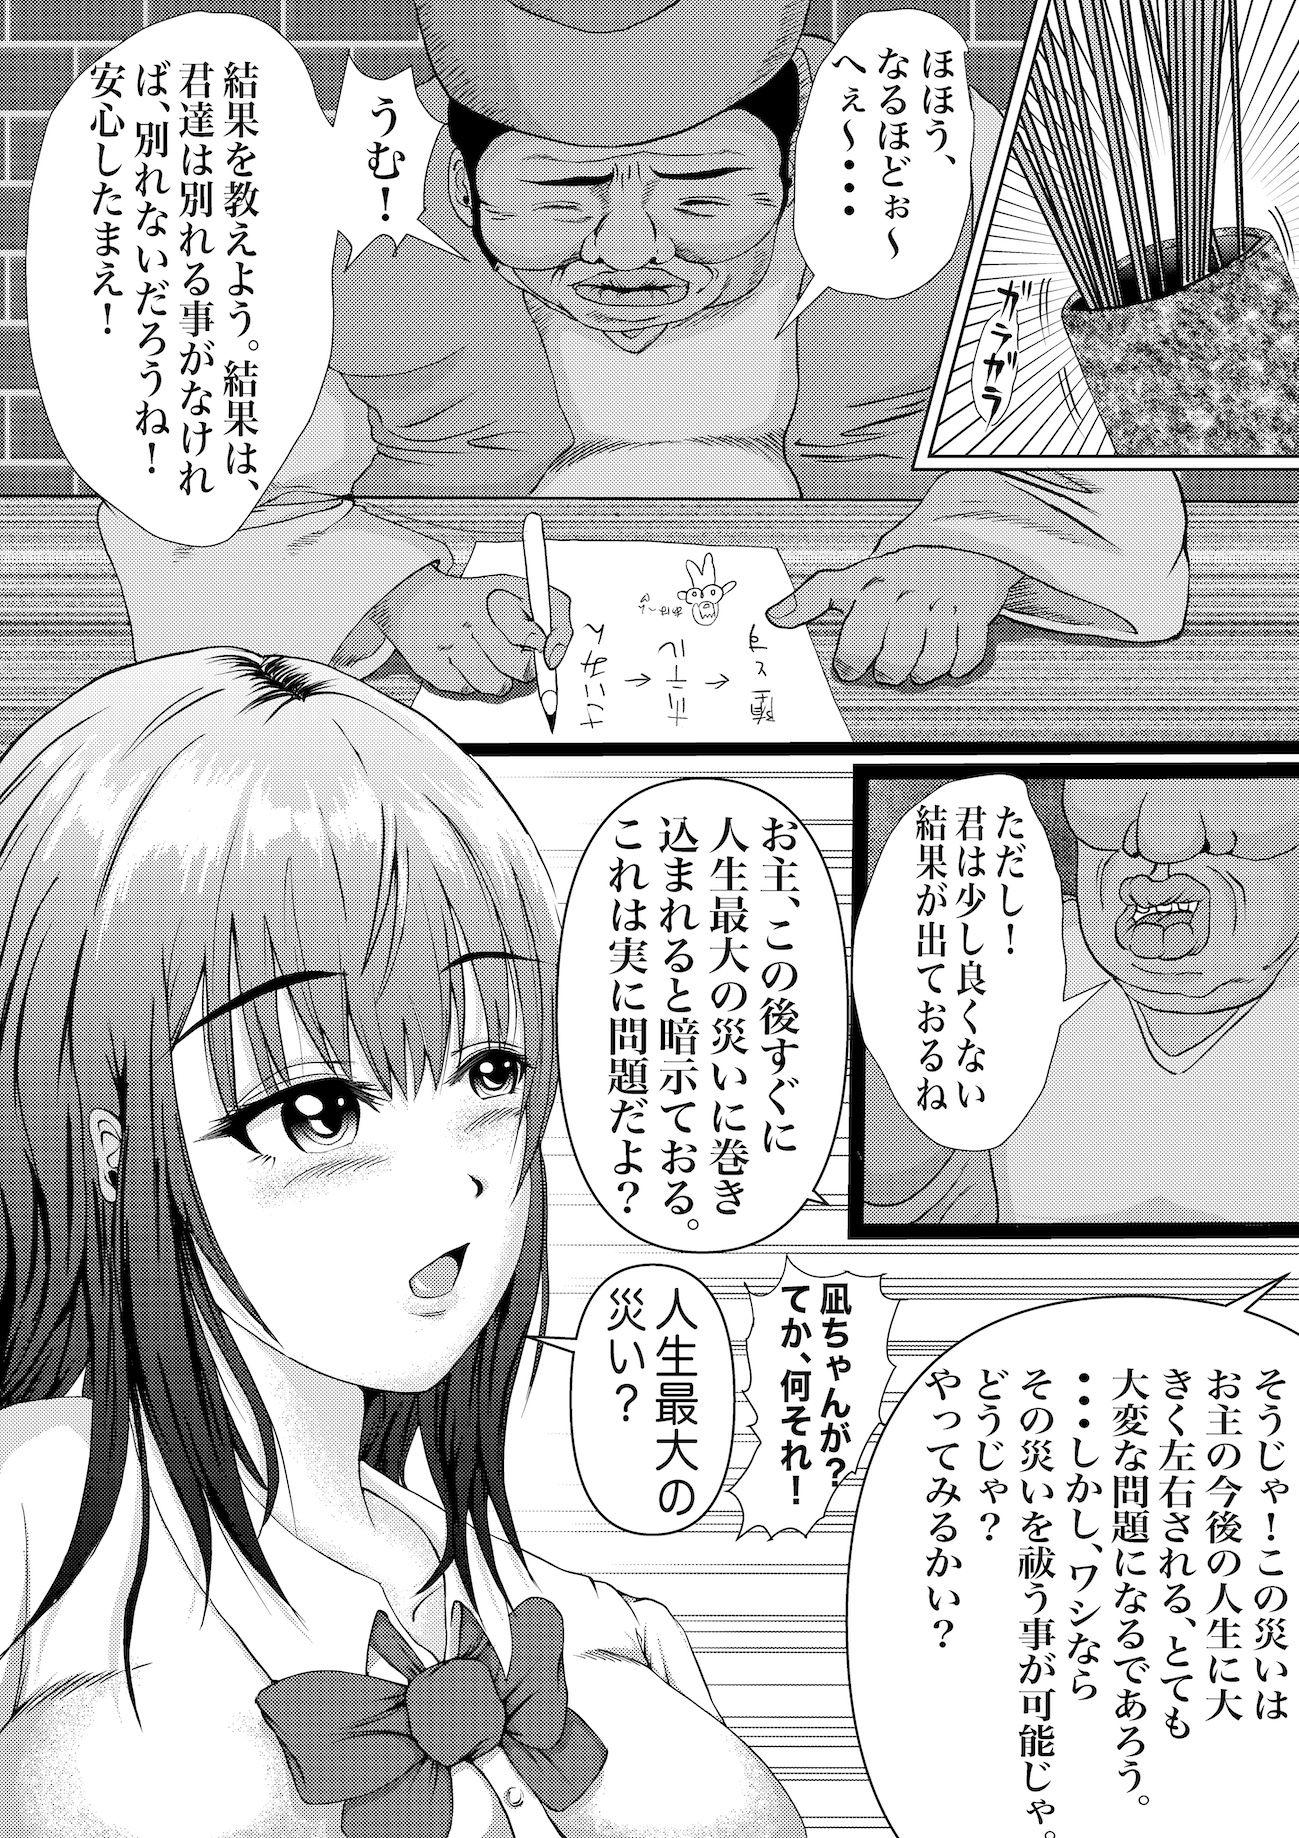 【エロ漫画無料大全集】【催眠エロ漫画】鬼畜占い師にロックオンされてしまった女の子の運命が…